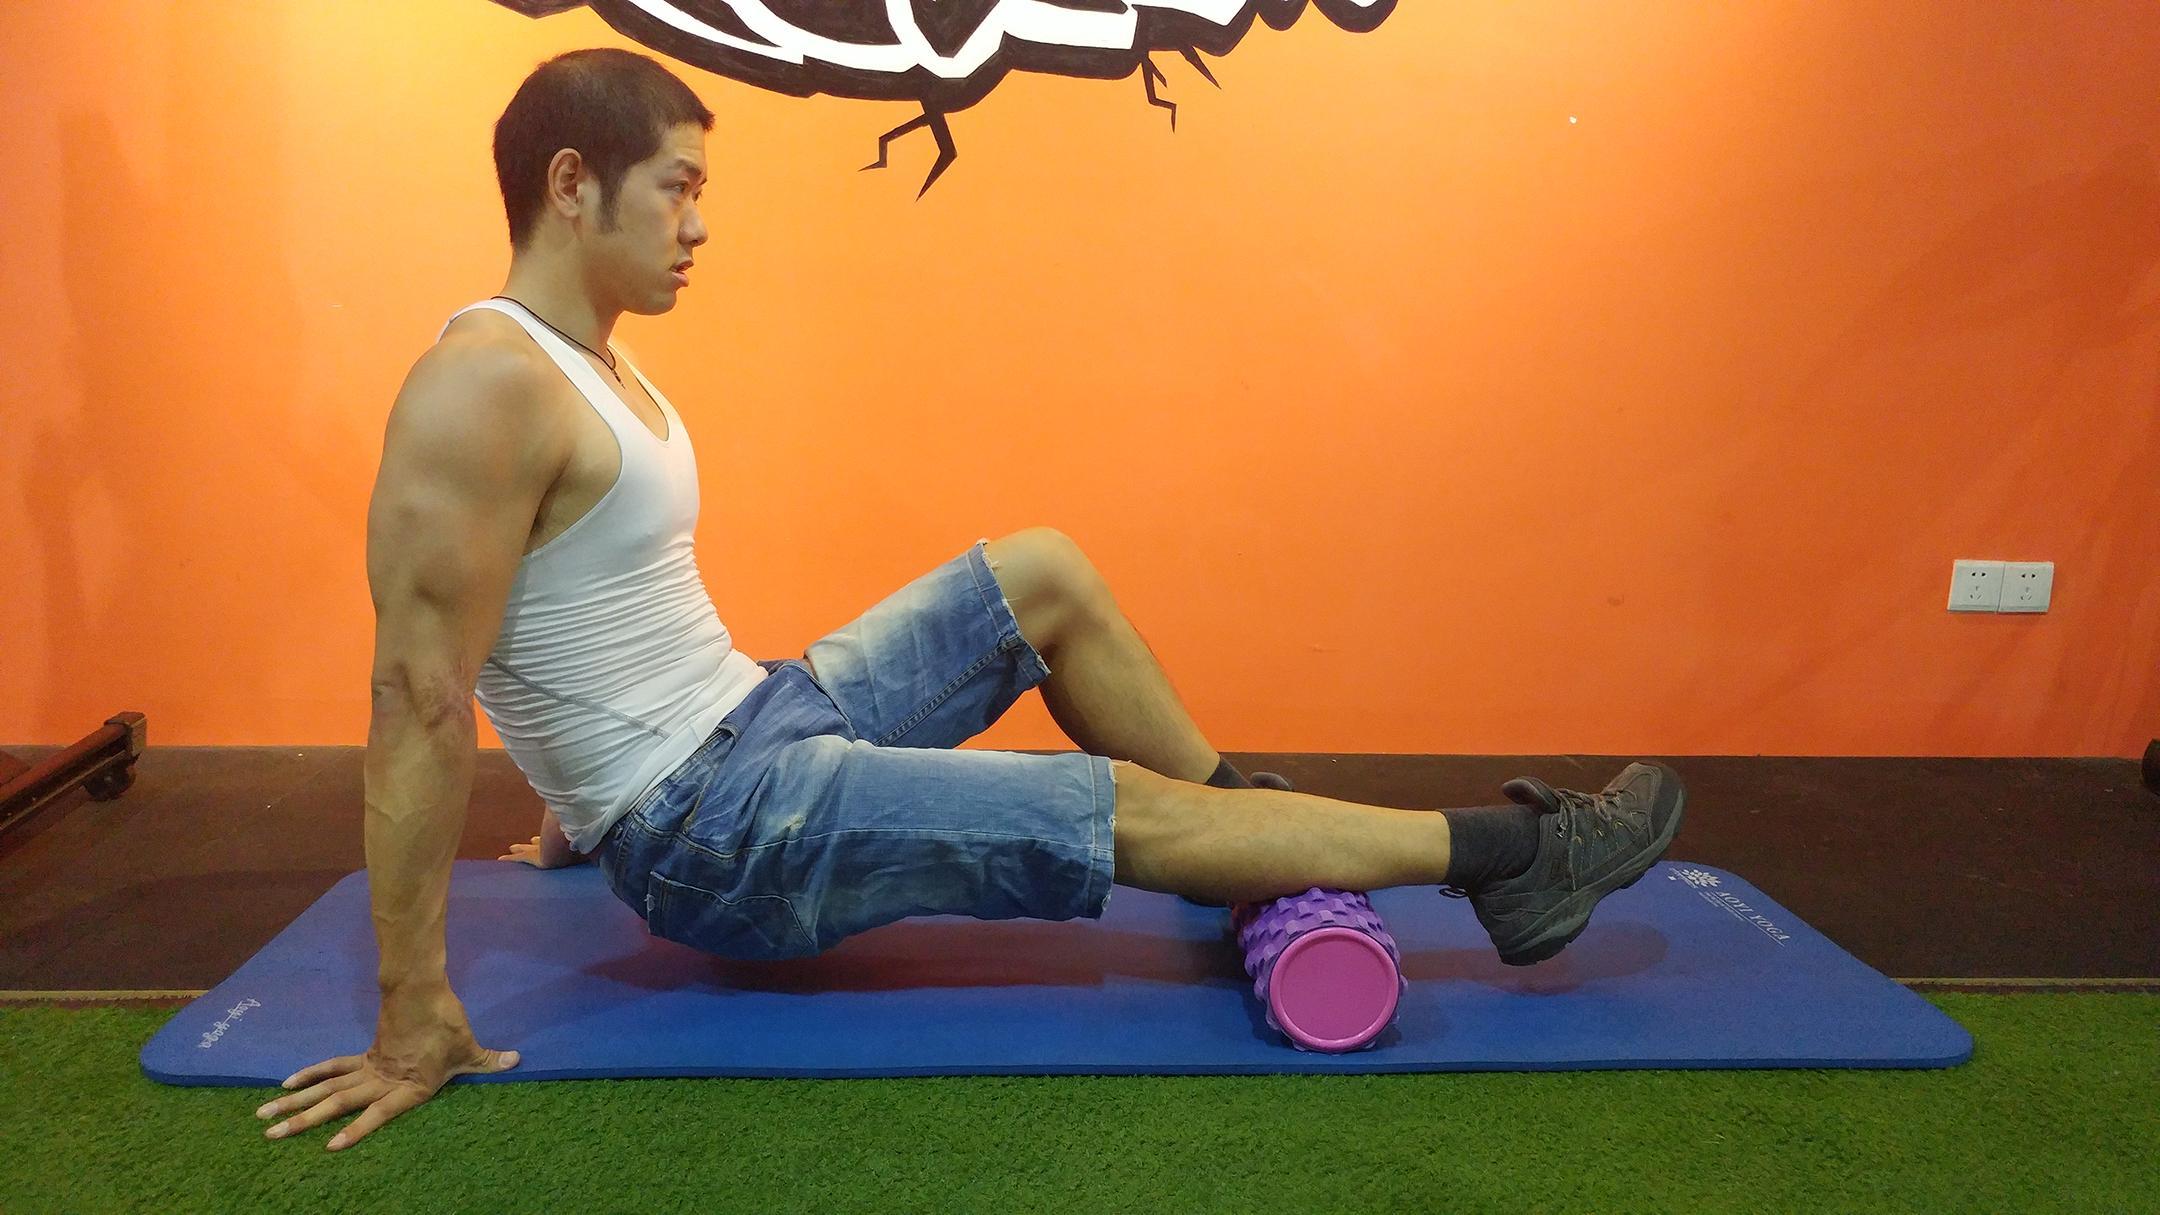 拉伸小腿的动作_新手训练—髋关节那些事 - 知乎